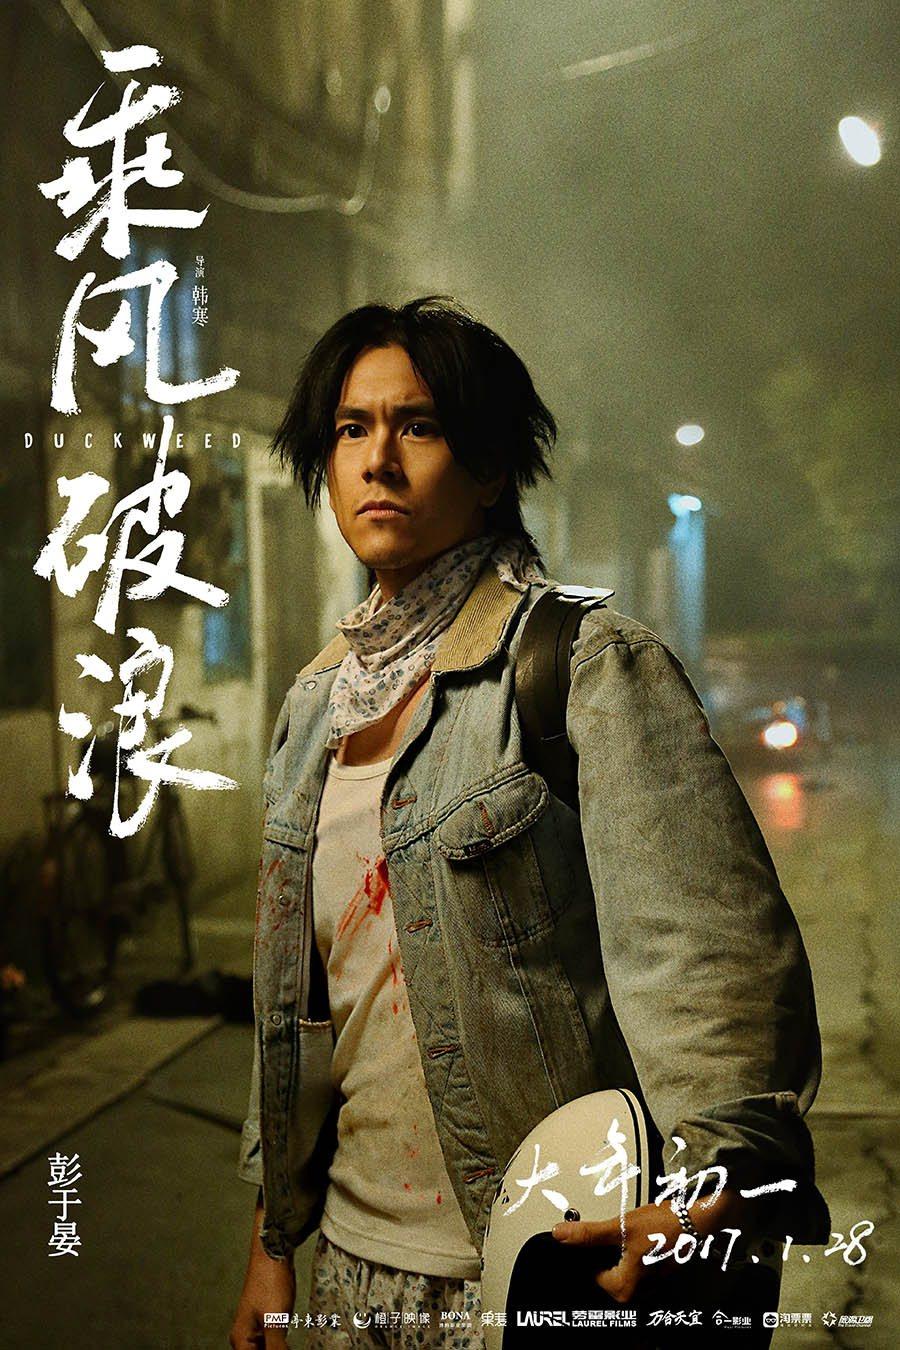 彭于晏在大陸賀歲片「乘風破浪」飾演小鎮熱血青年。圖/微觀娛樂提供